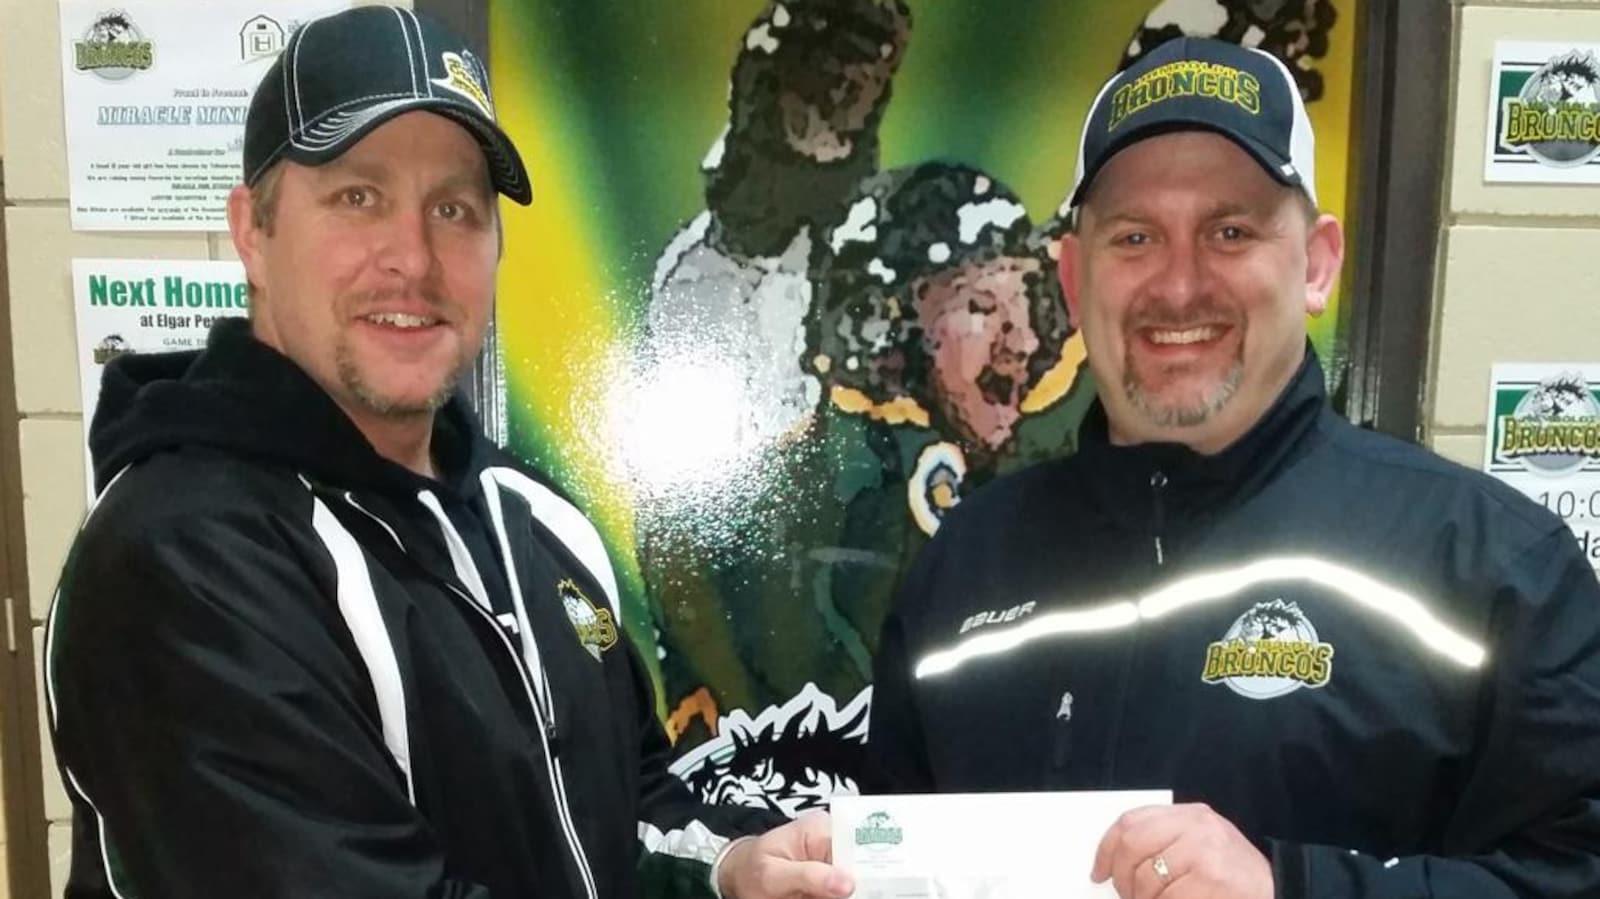 Jamie Brockman tient un chèque destiné aux Broncos de Humboldt, que lui donne Kelsey Lindal.